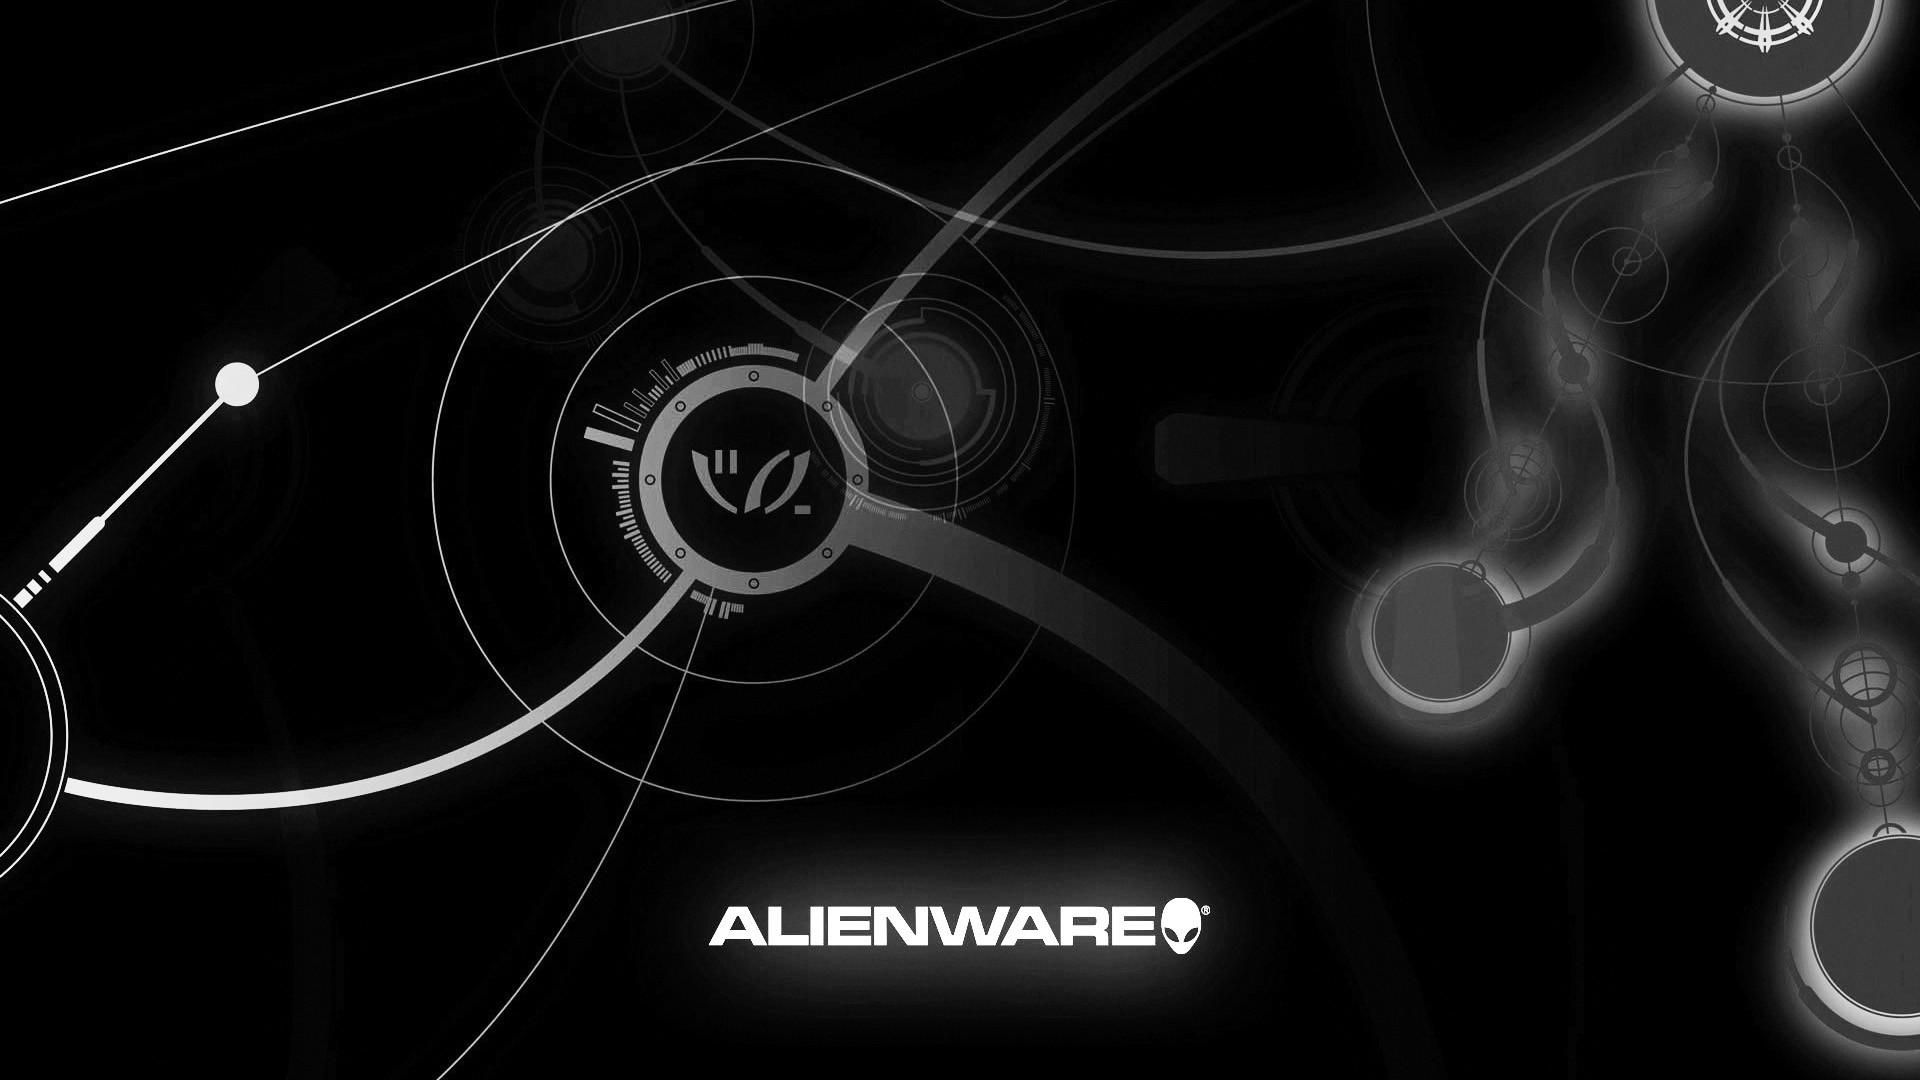 alienware wallpaper 2560 x 1440 (71+ images)